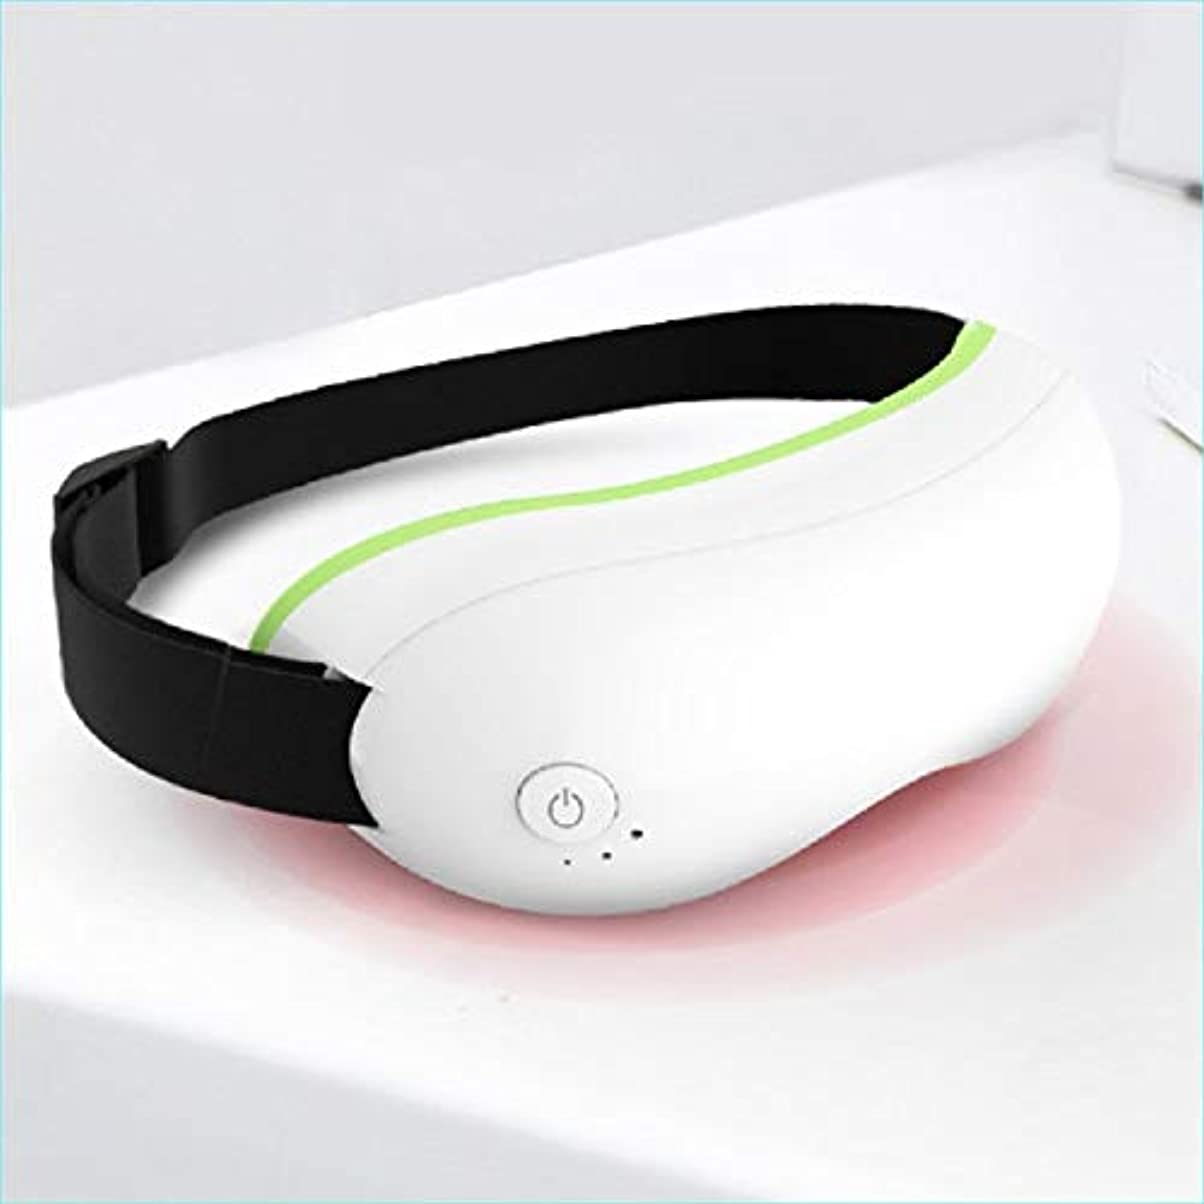 リールイサカ寝具Meet now 暖房付きの高度な充電式ワイヤレスインテリジェント振動アイマッサージ 品質保証 (Color : White)